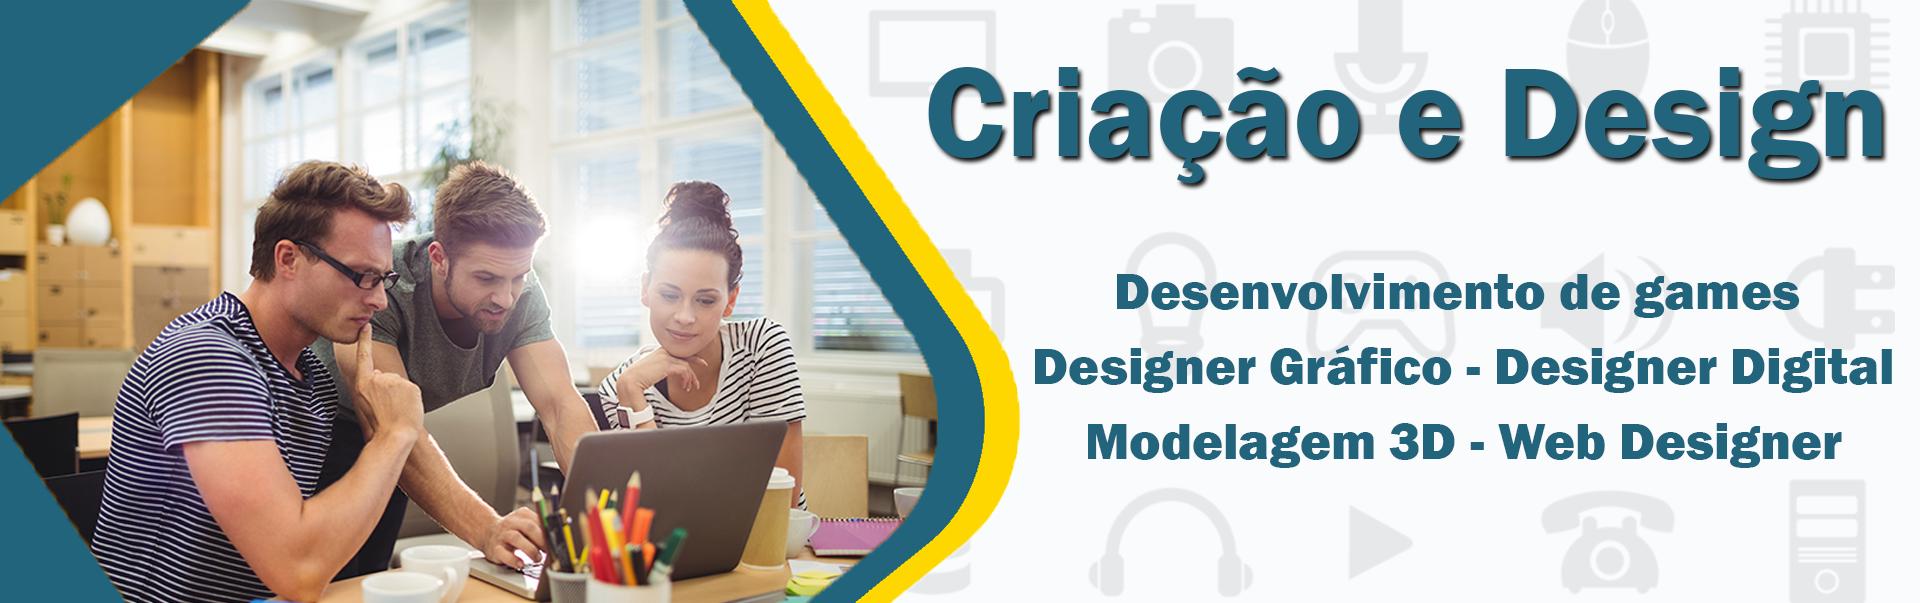 banner cursos design novo